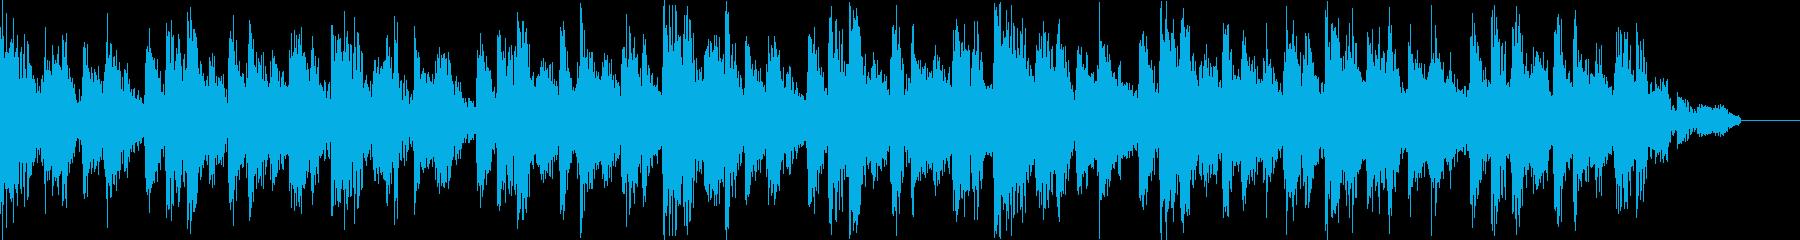 ロックなBGNの再生済みの波形